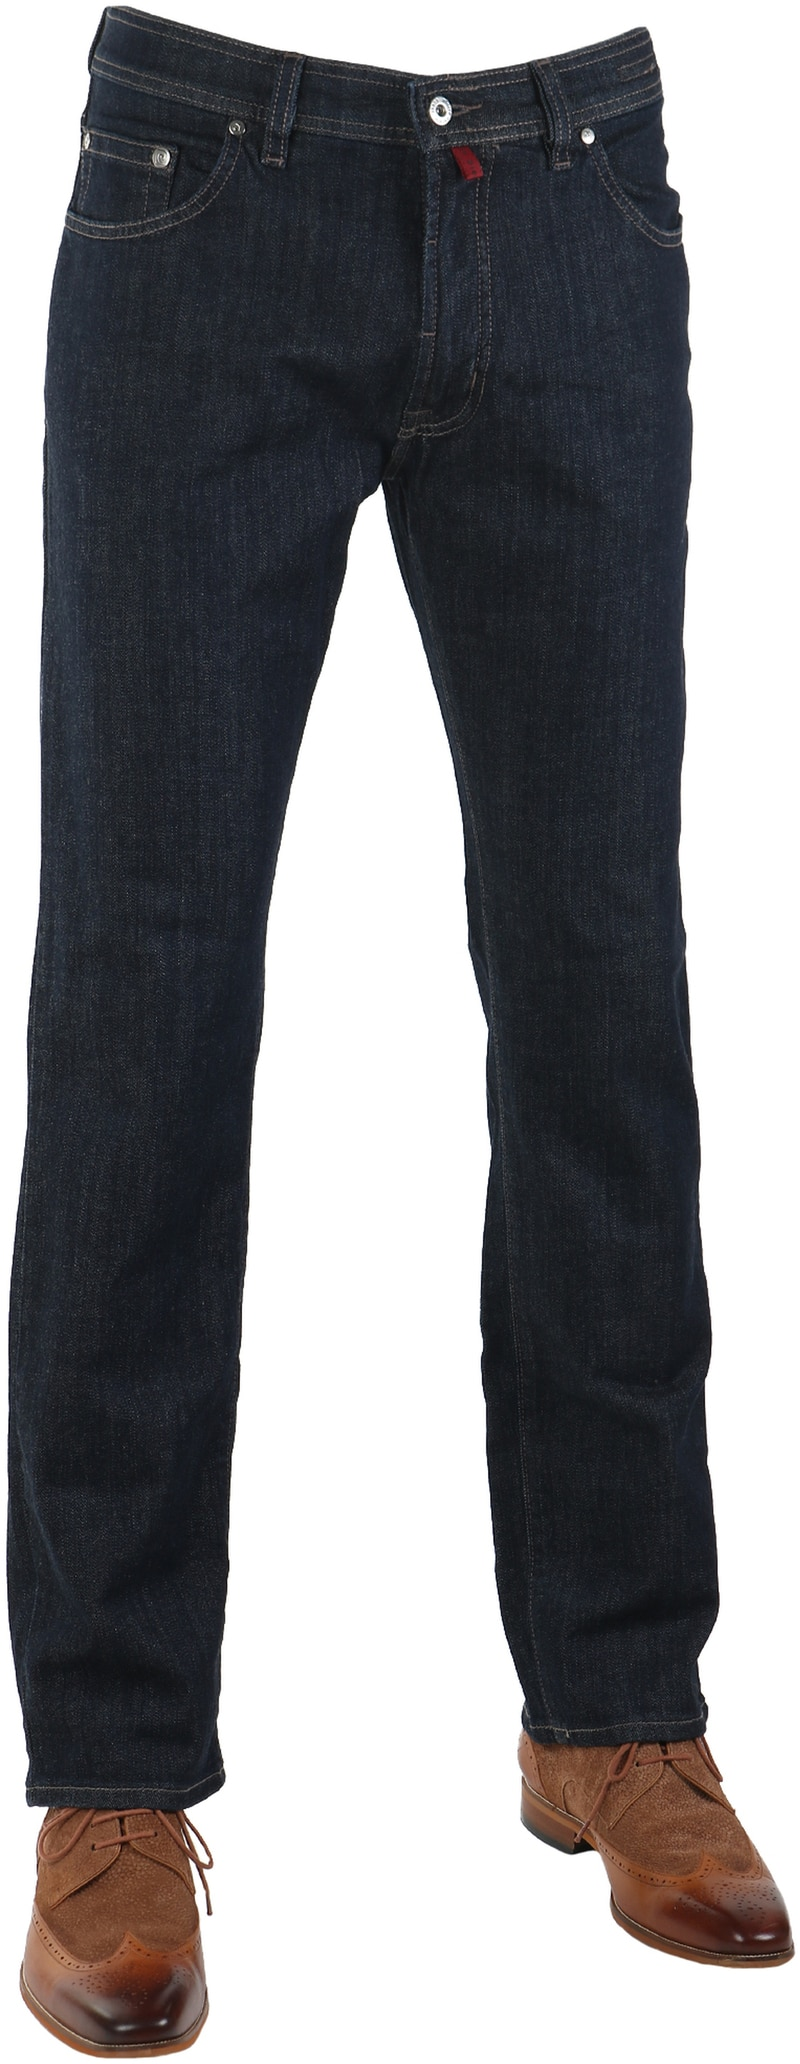 Pierre Cardin Jeans Deauville Stretch 04 03196/000/07280 04 | Suitable